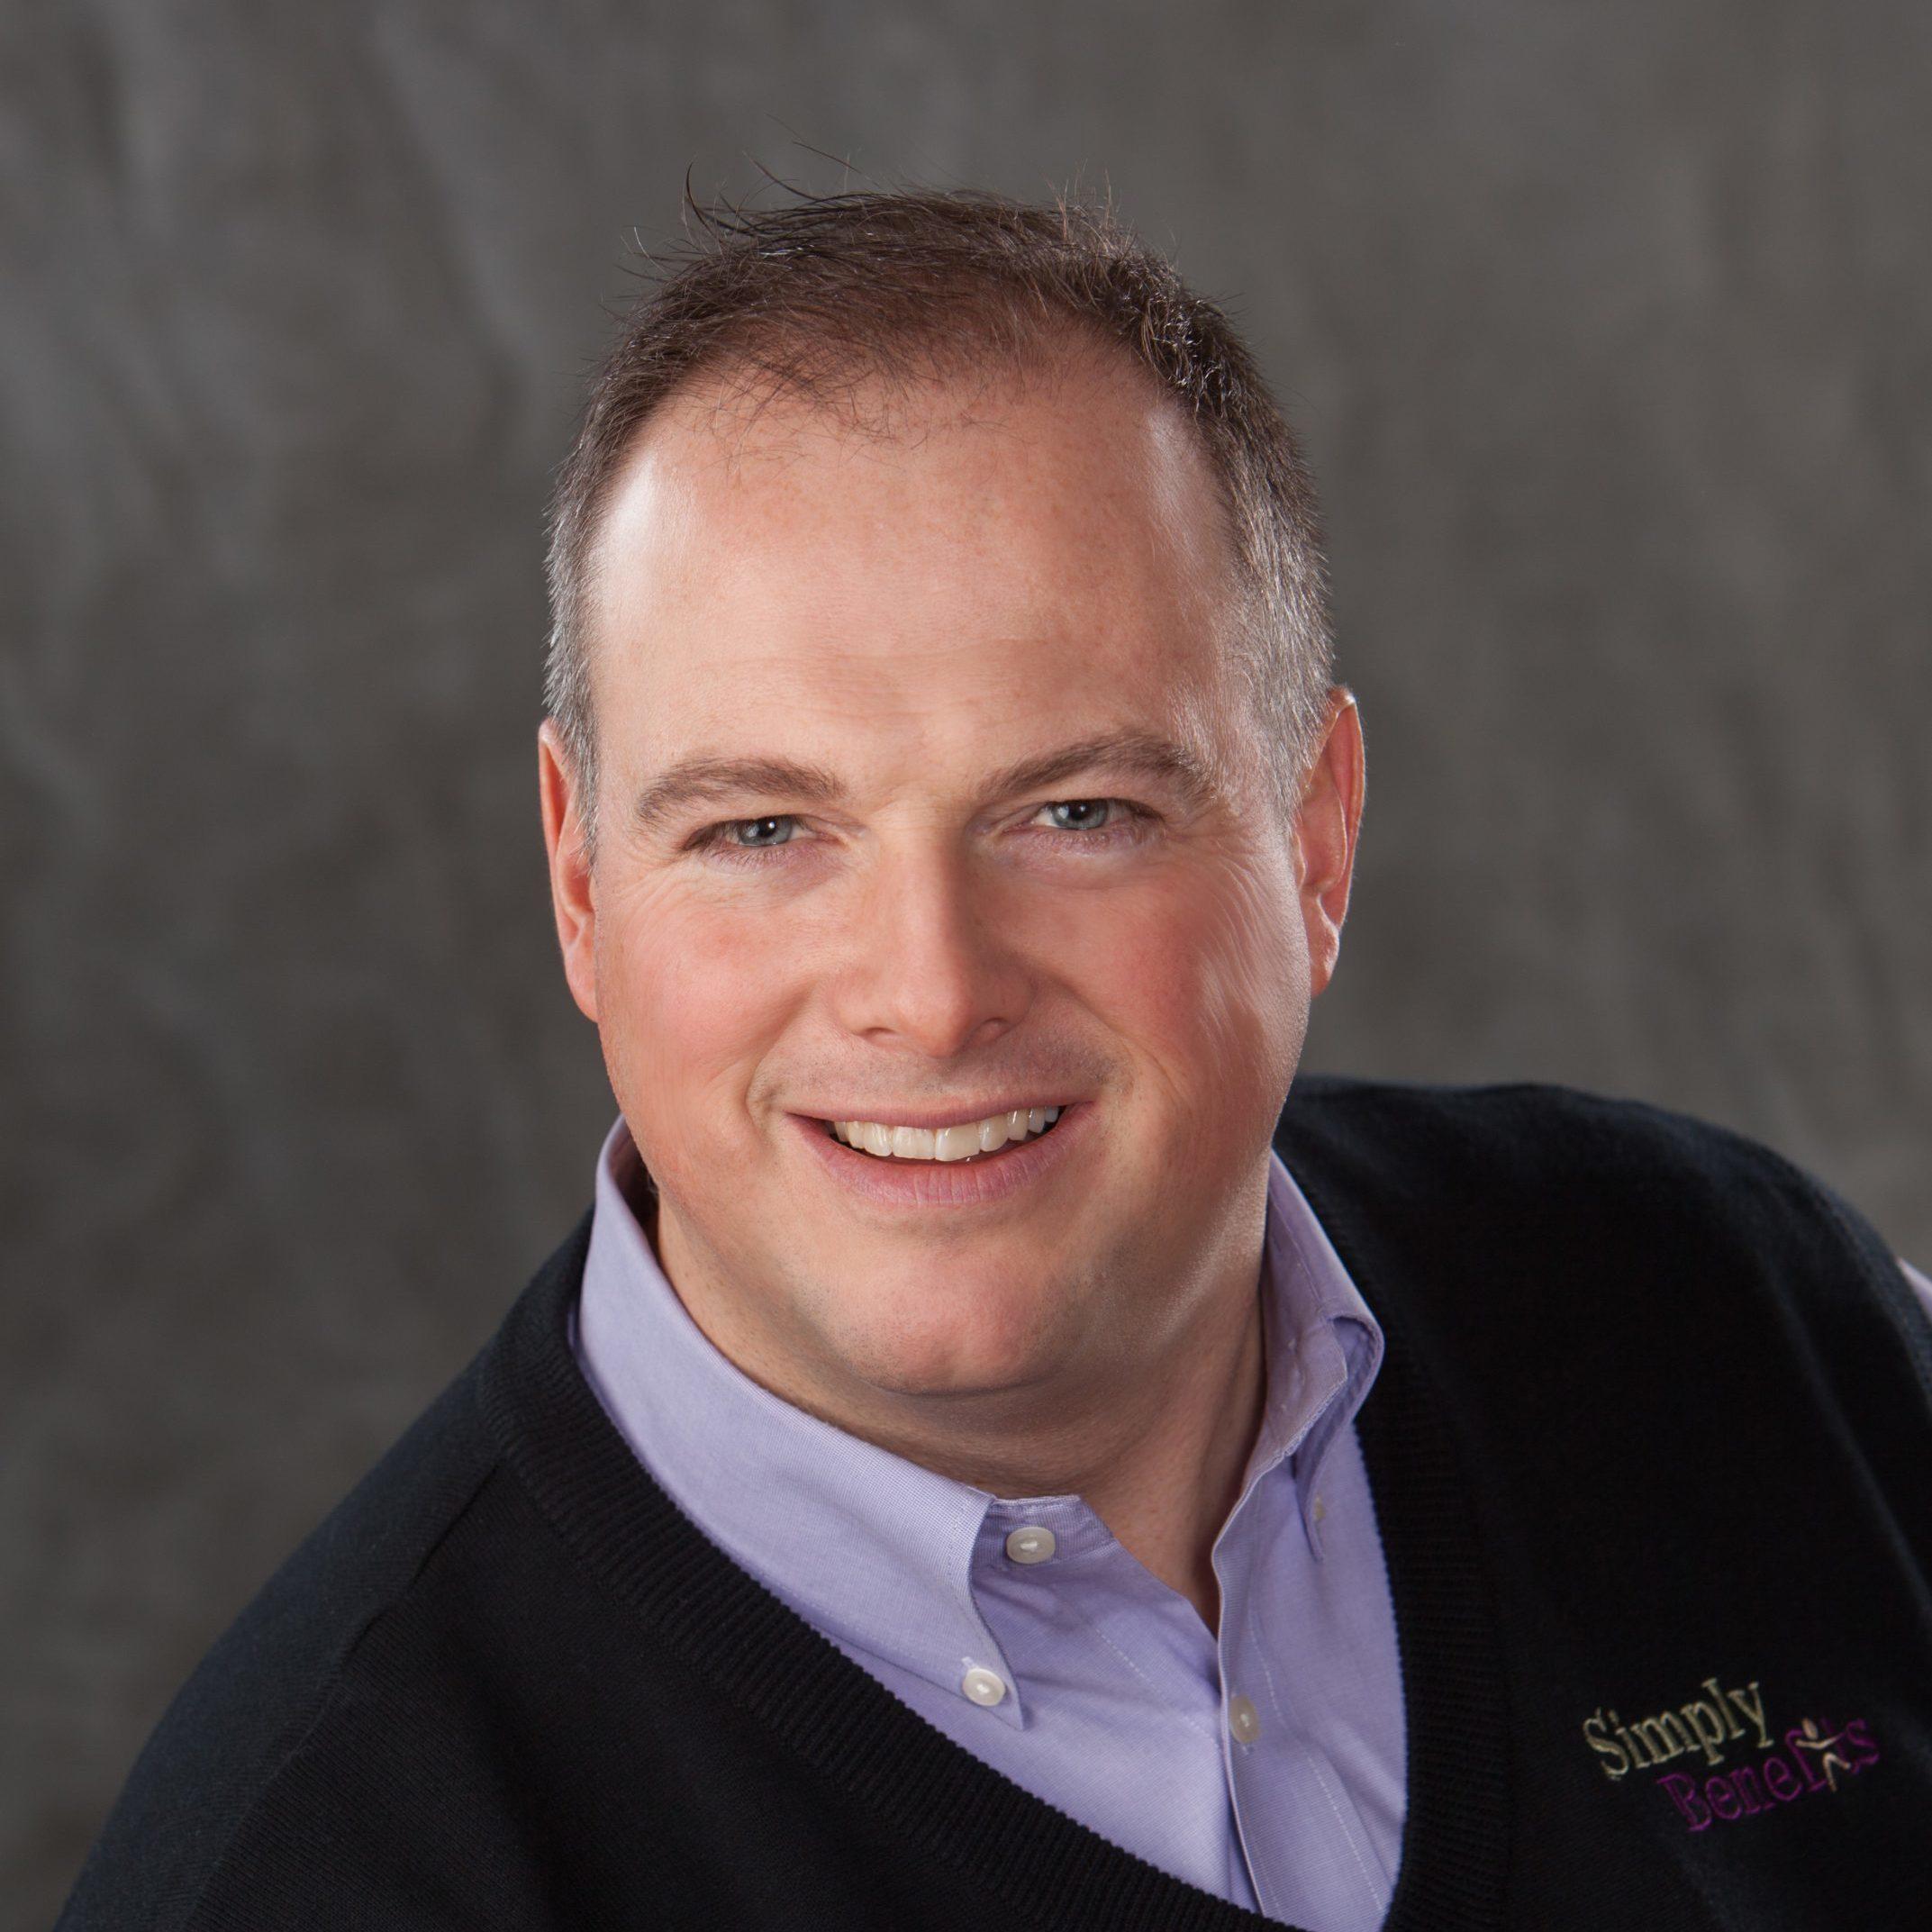 Mark Headshot-hi rez